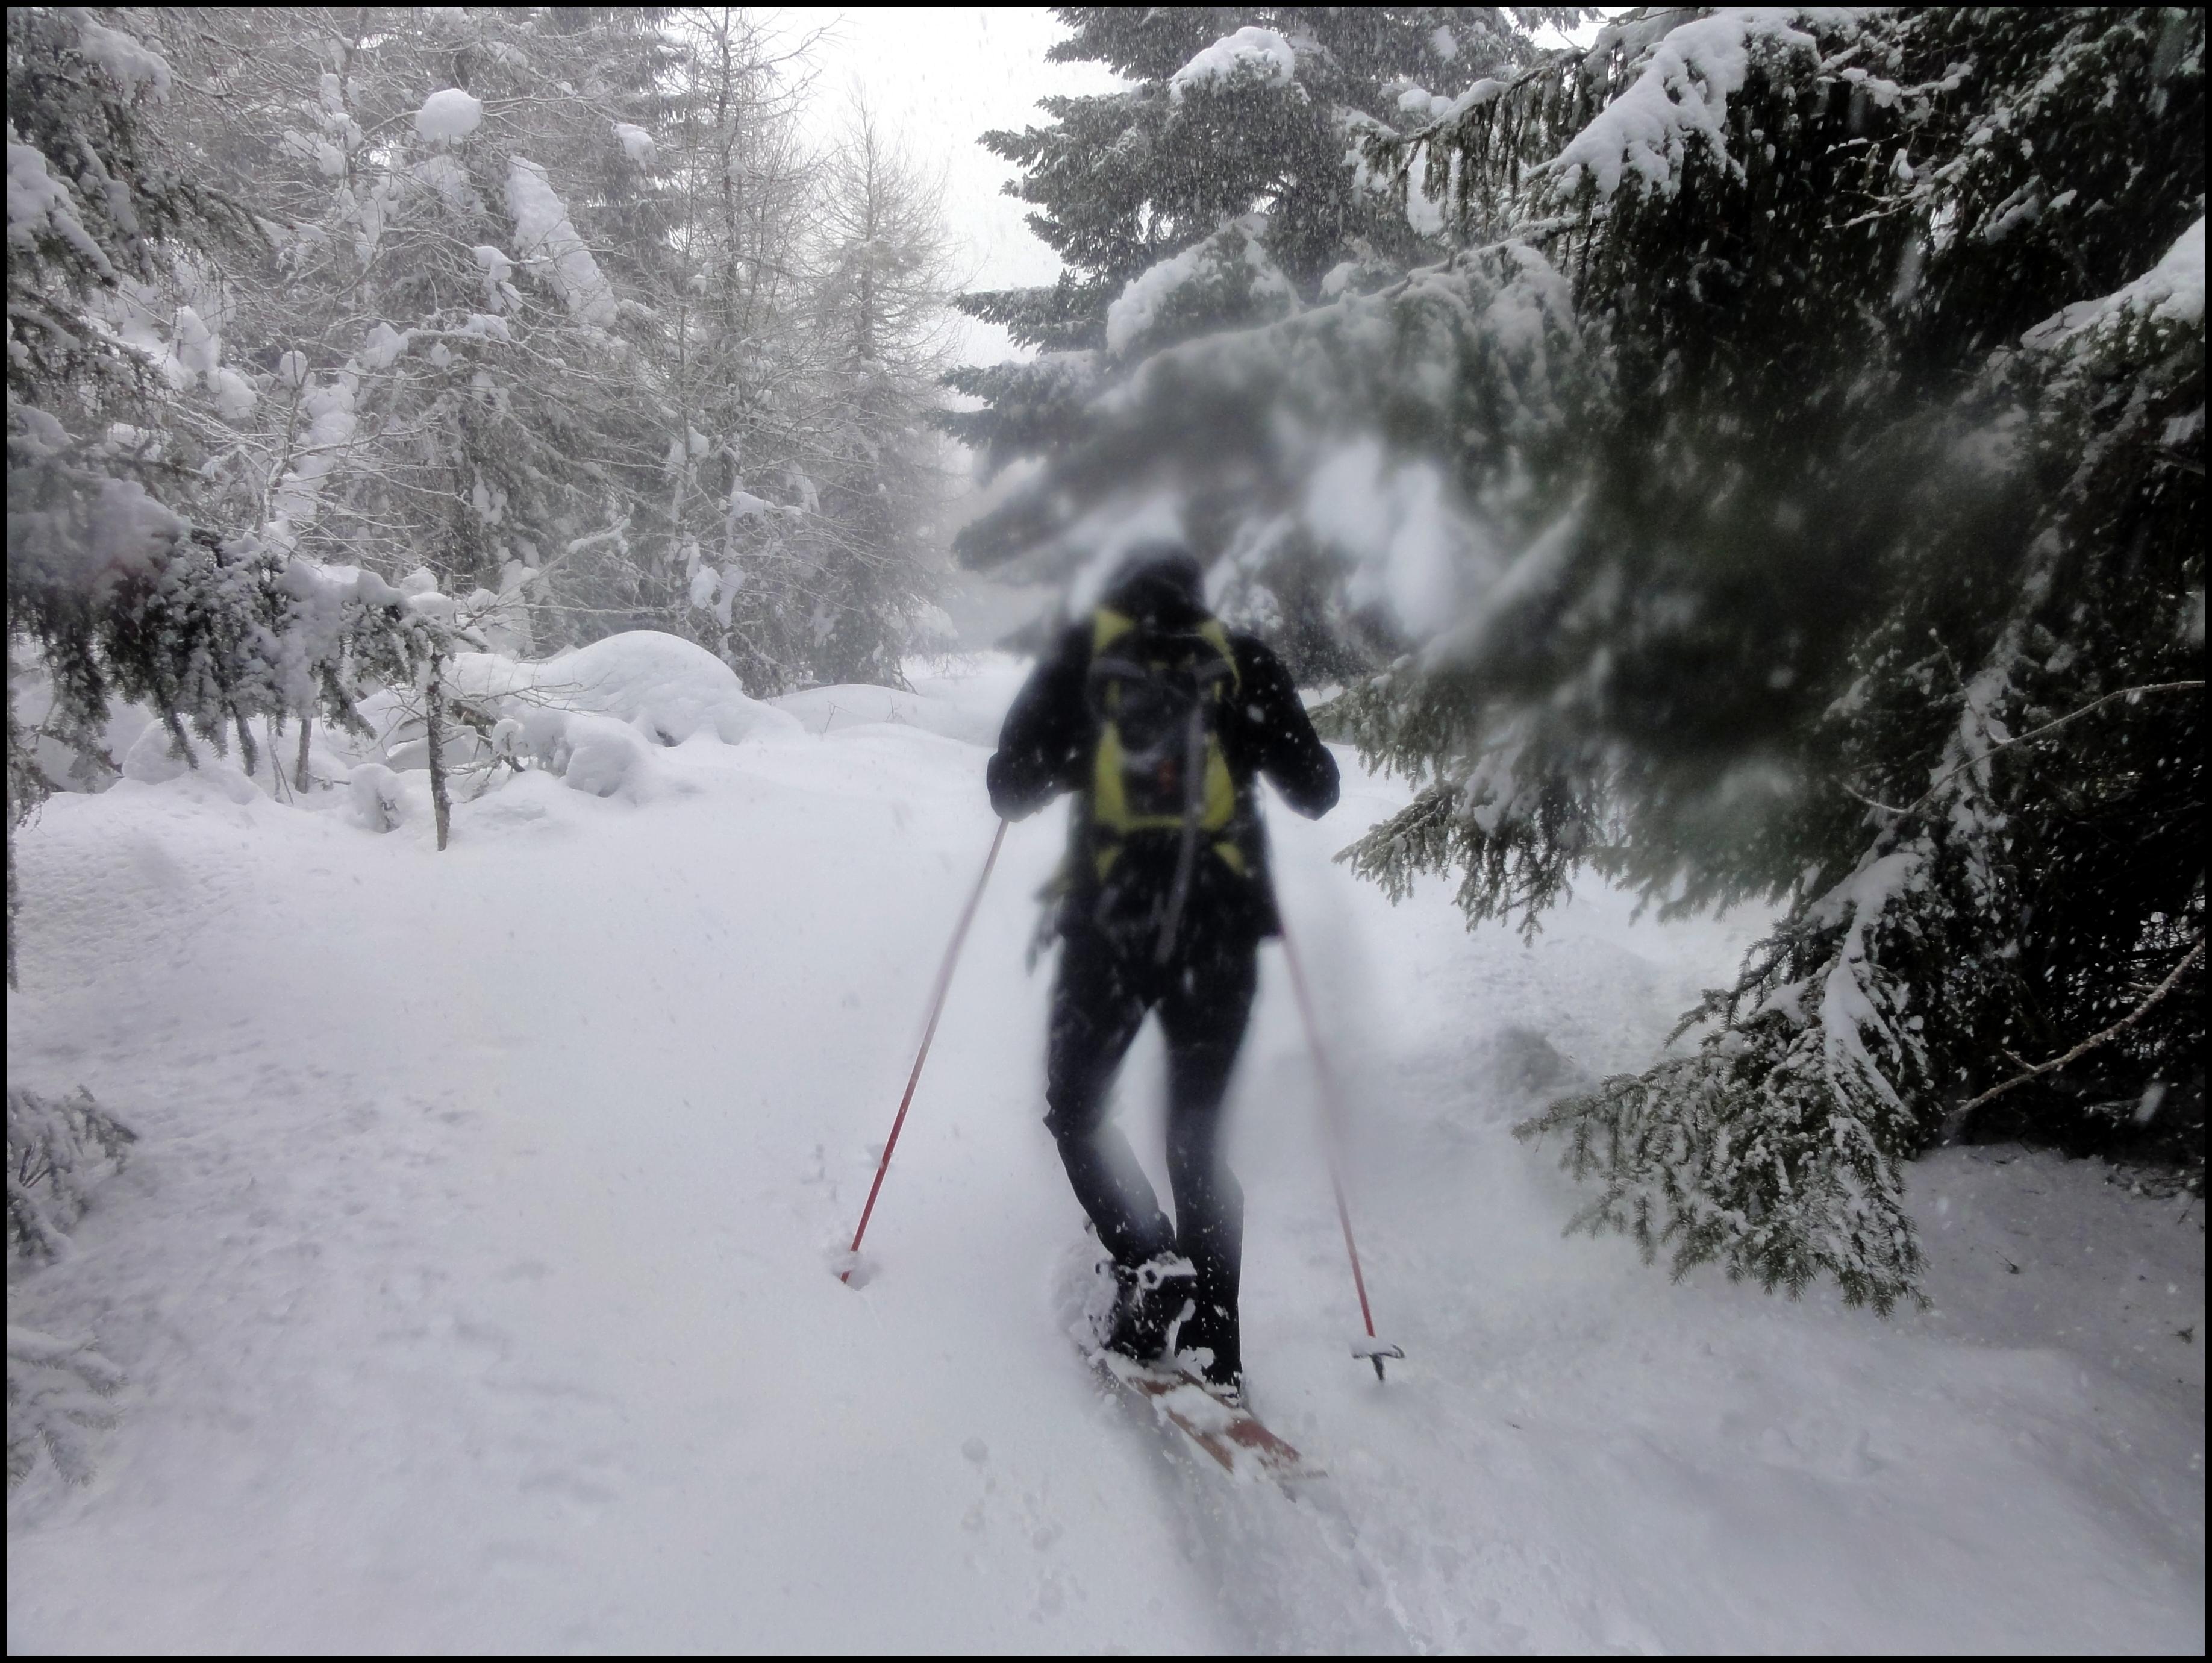 Une vague de froid et du ski HOK